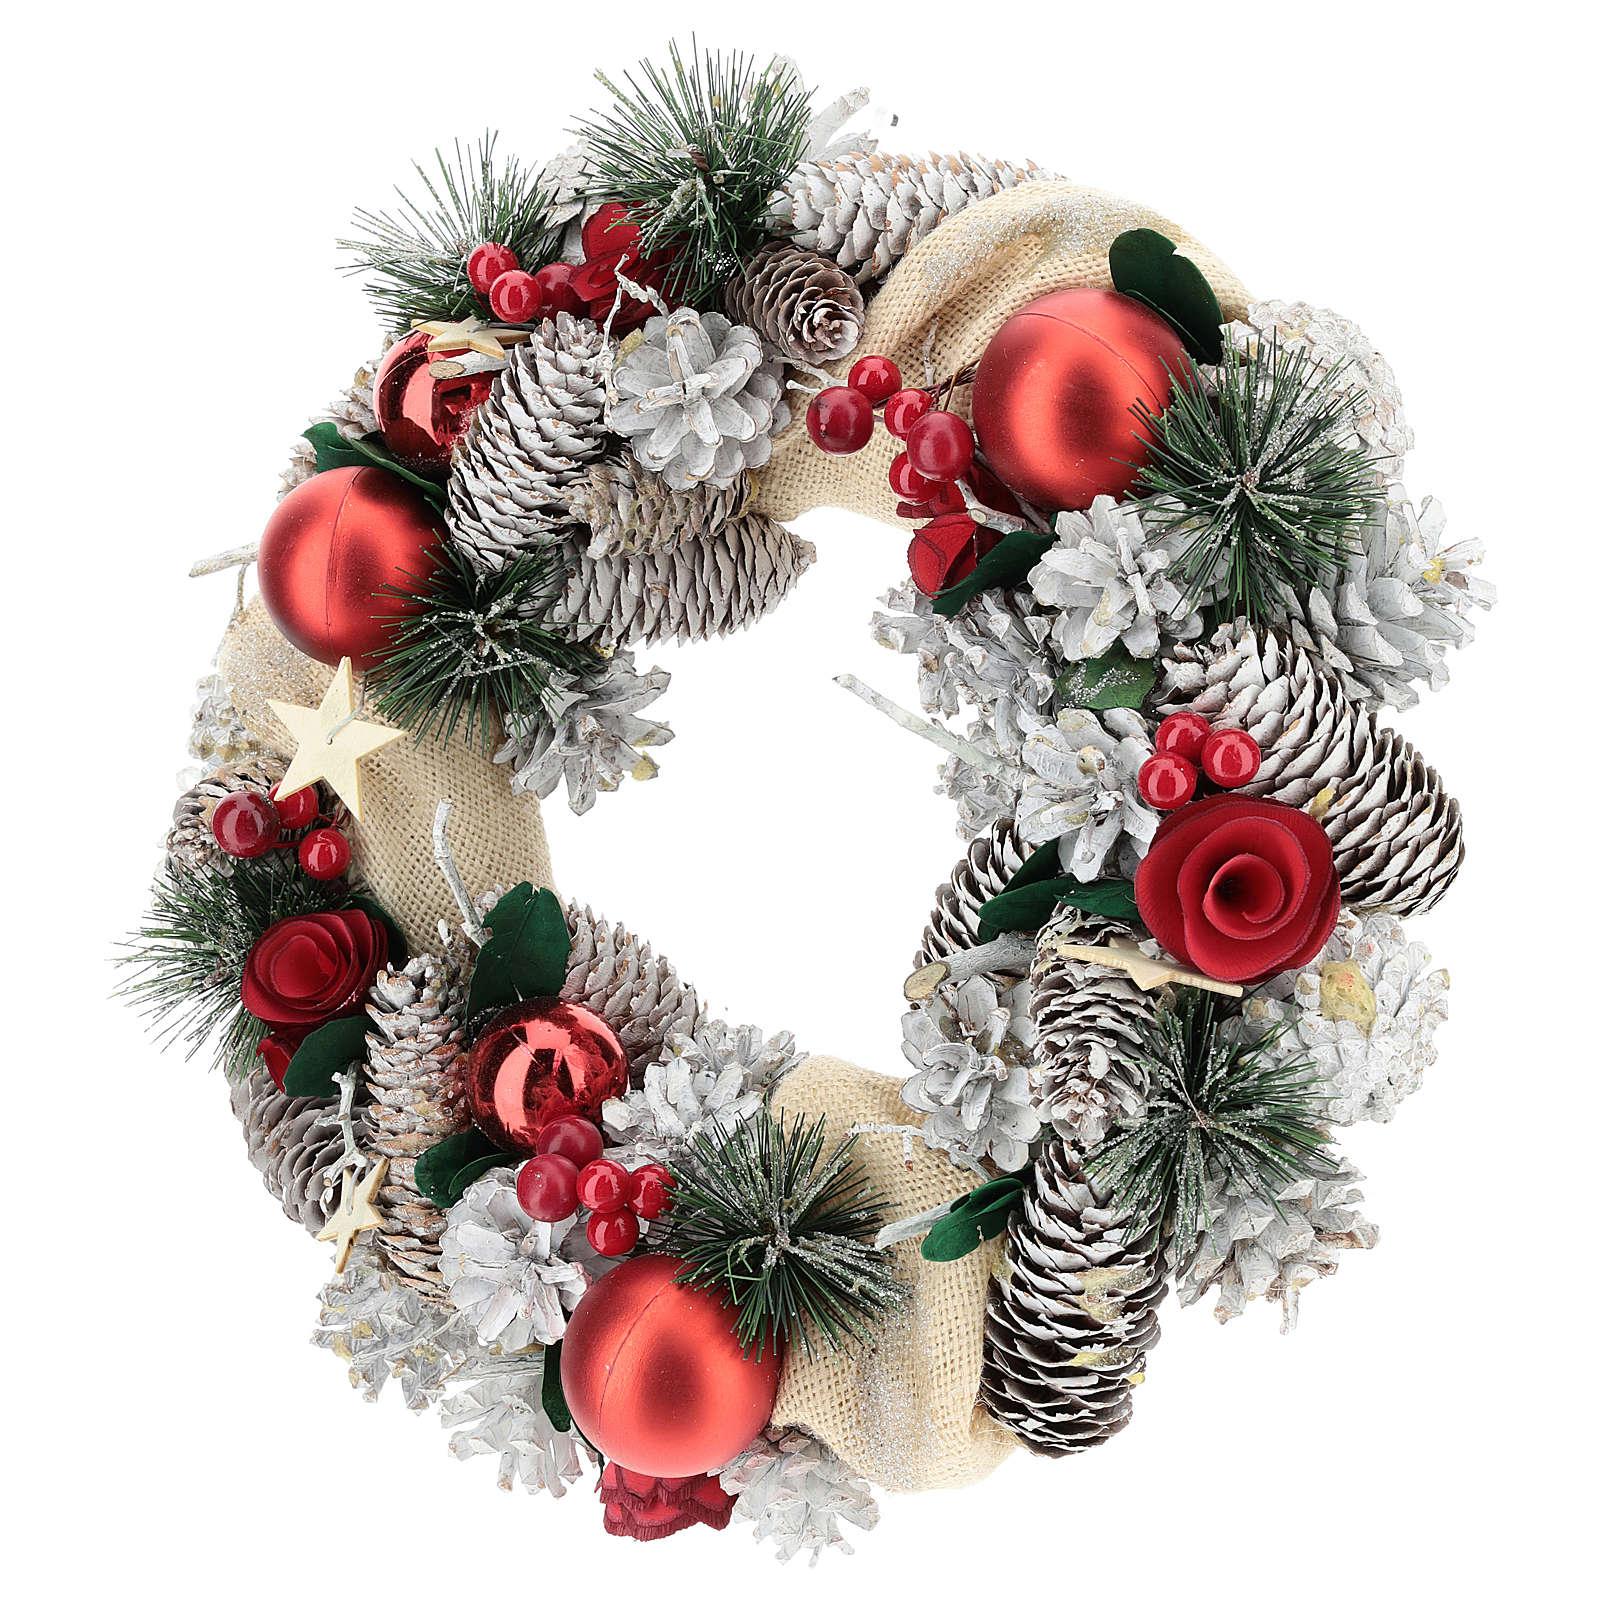 Corona navideña nieve y bolas de Navidad 32 cm 3